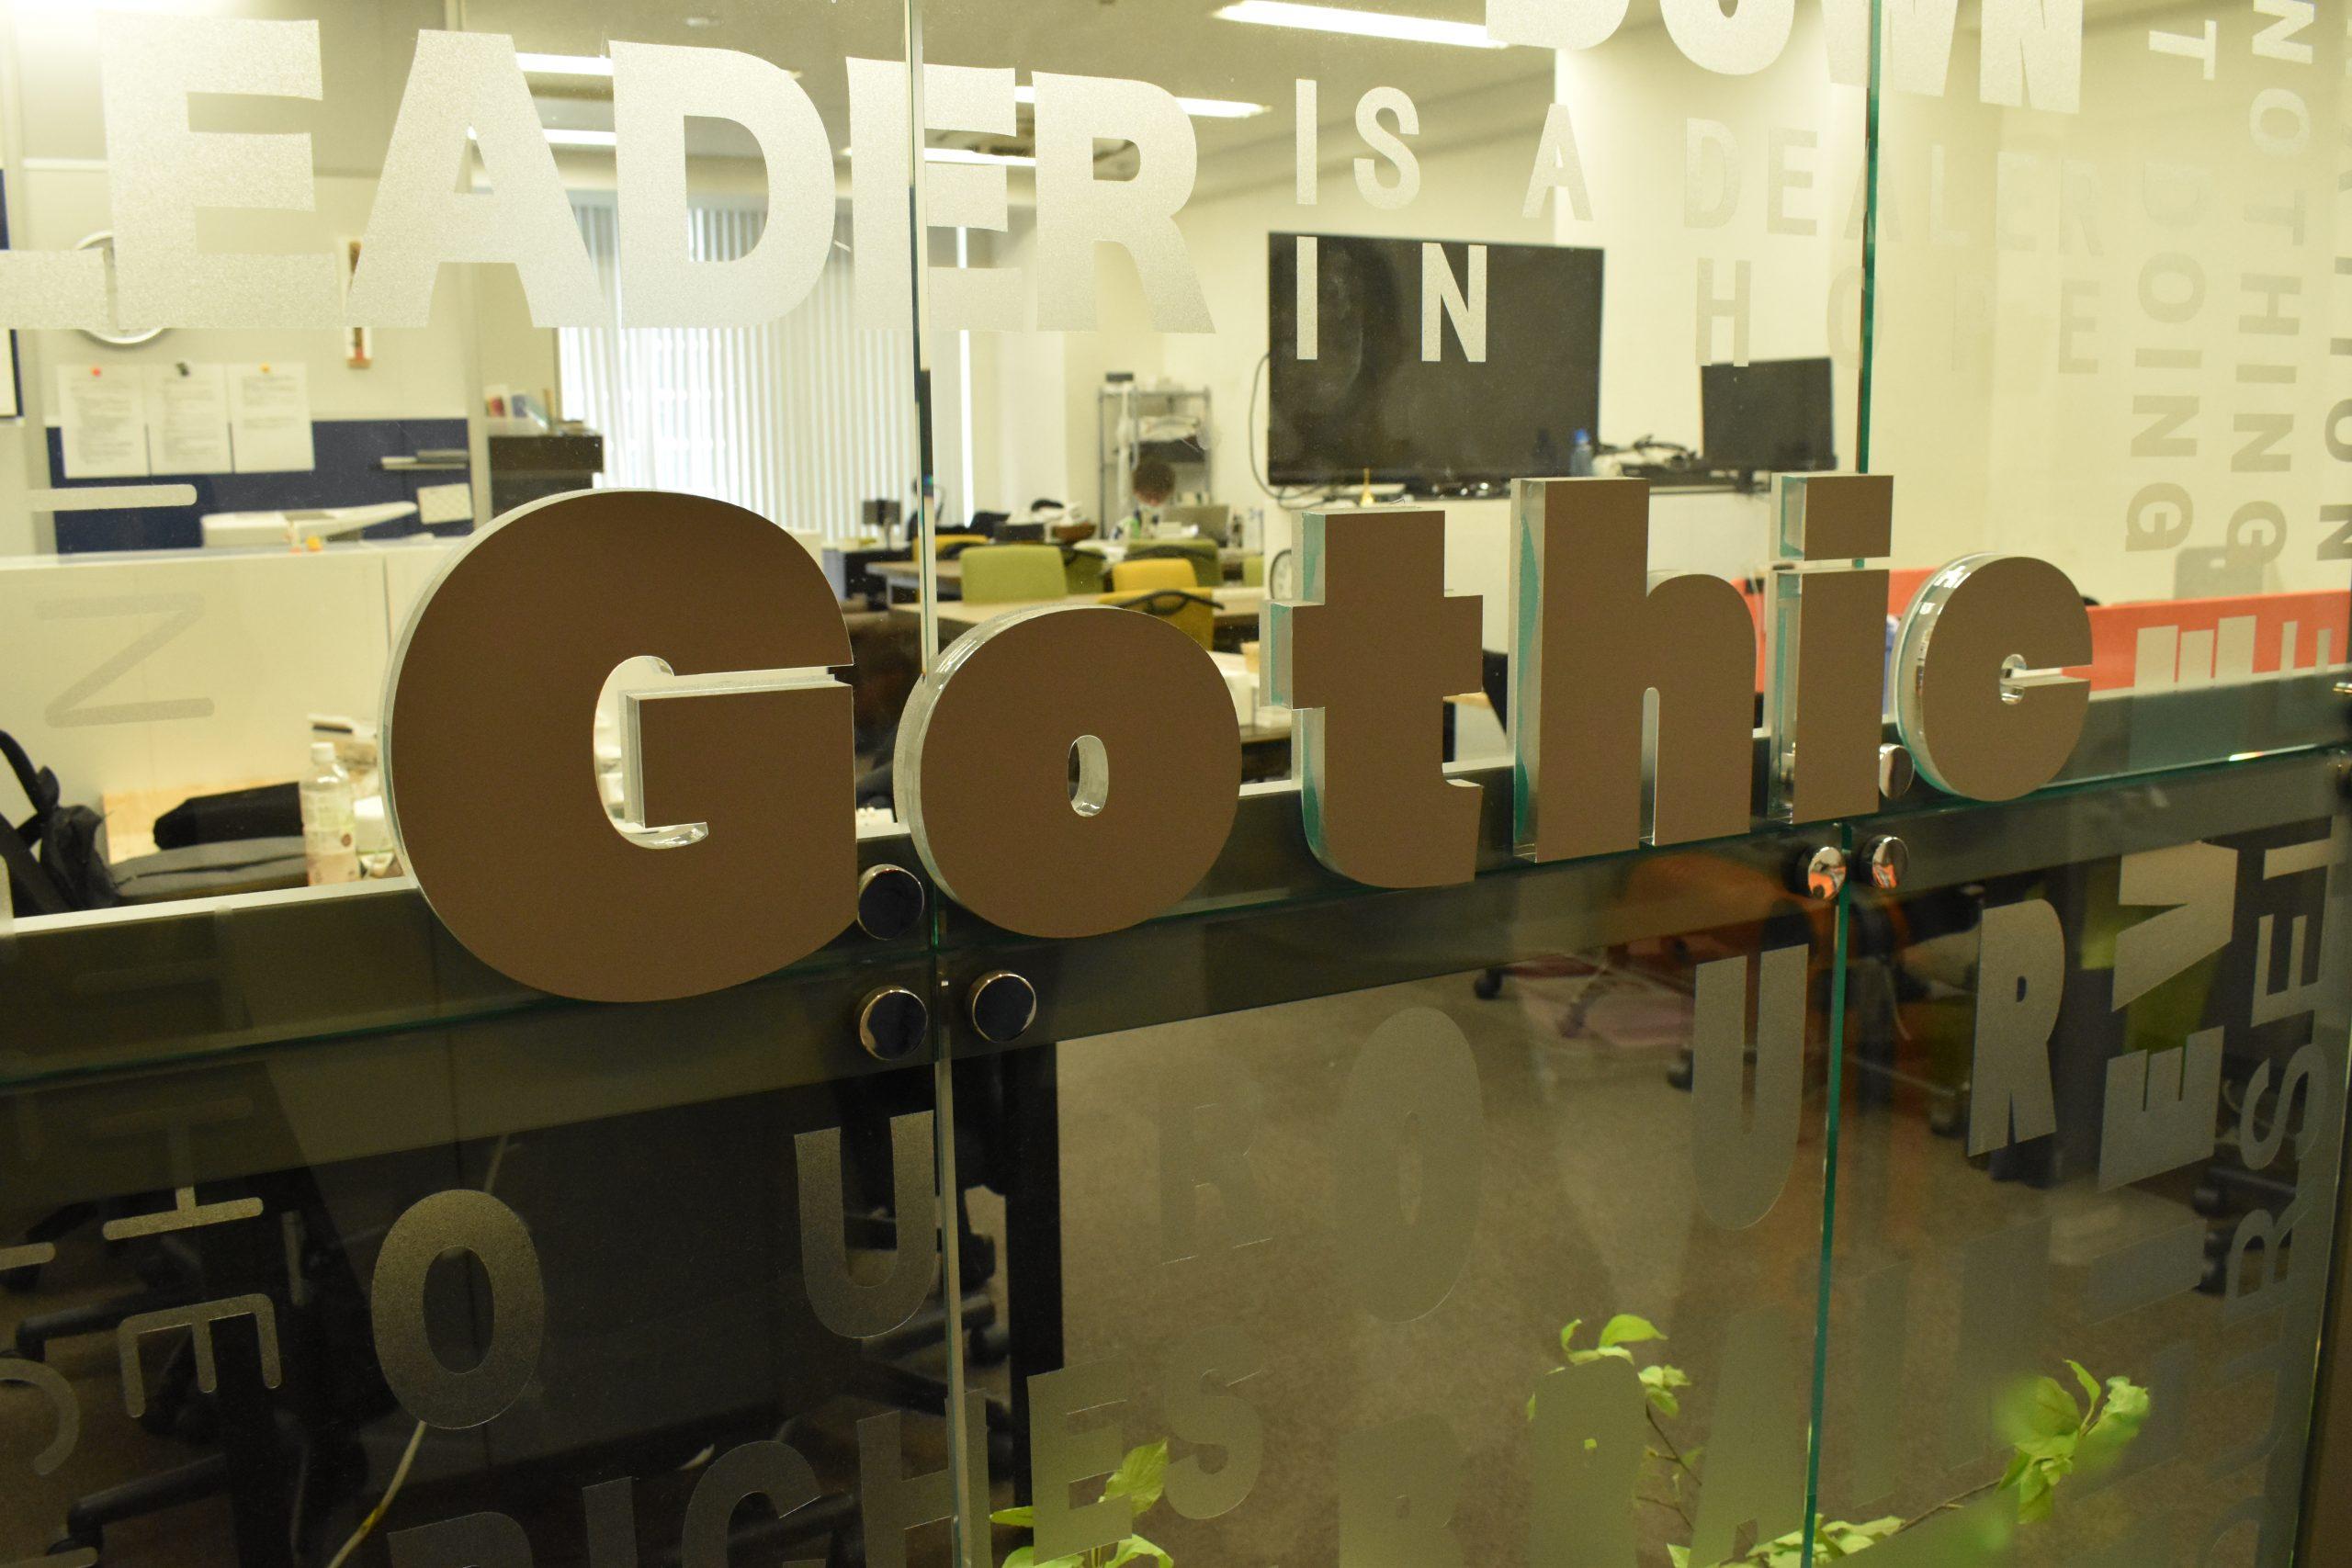 Gothic制作会社のロゴ入り社内風景